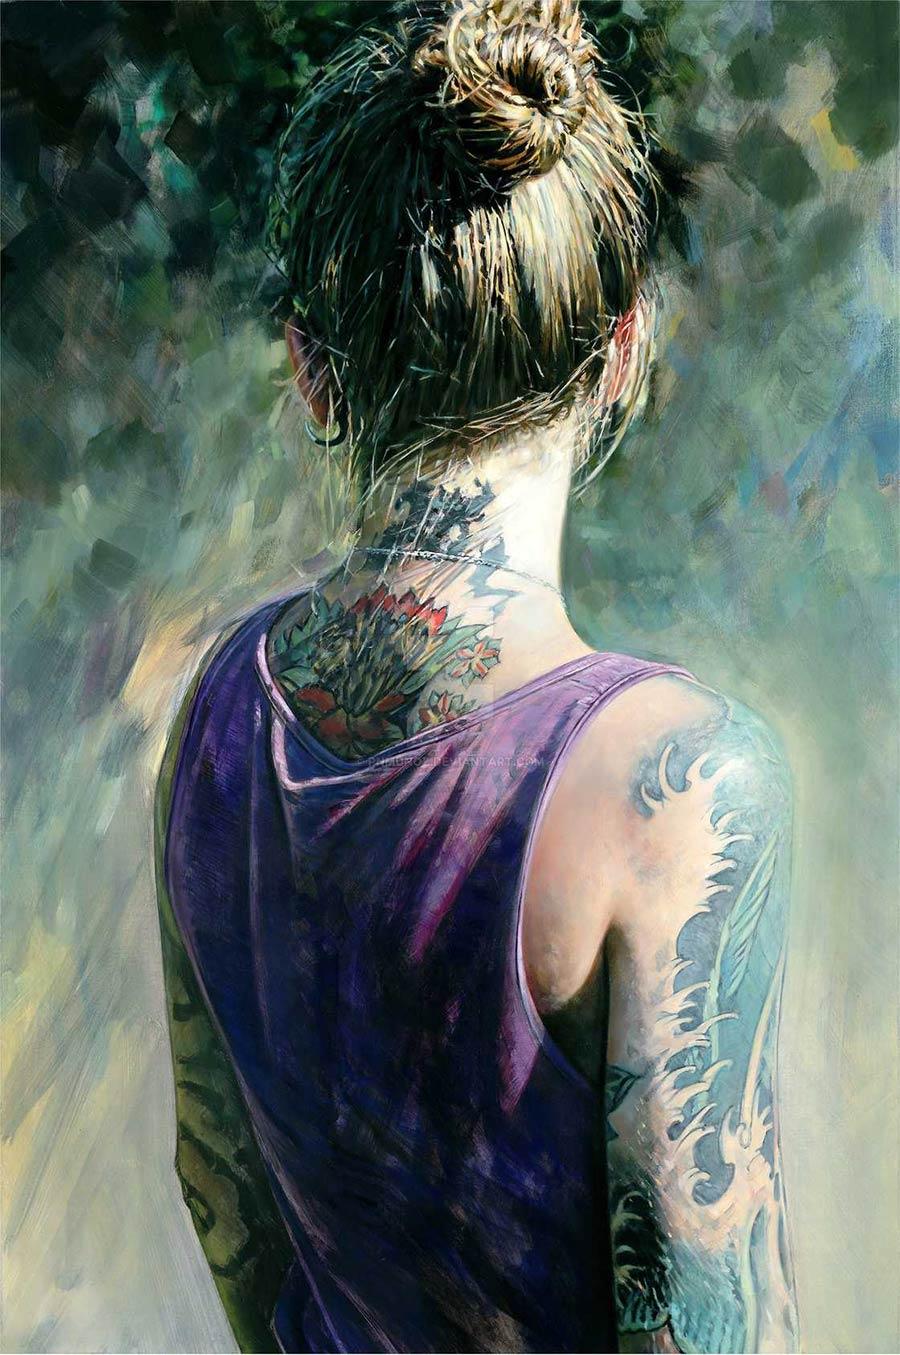 Tattoo Girl Von - Die gemalten tattoo girls von philip munoz philip munoz_05